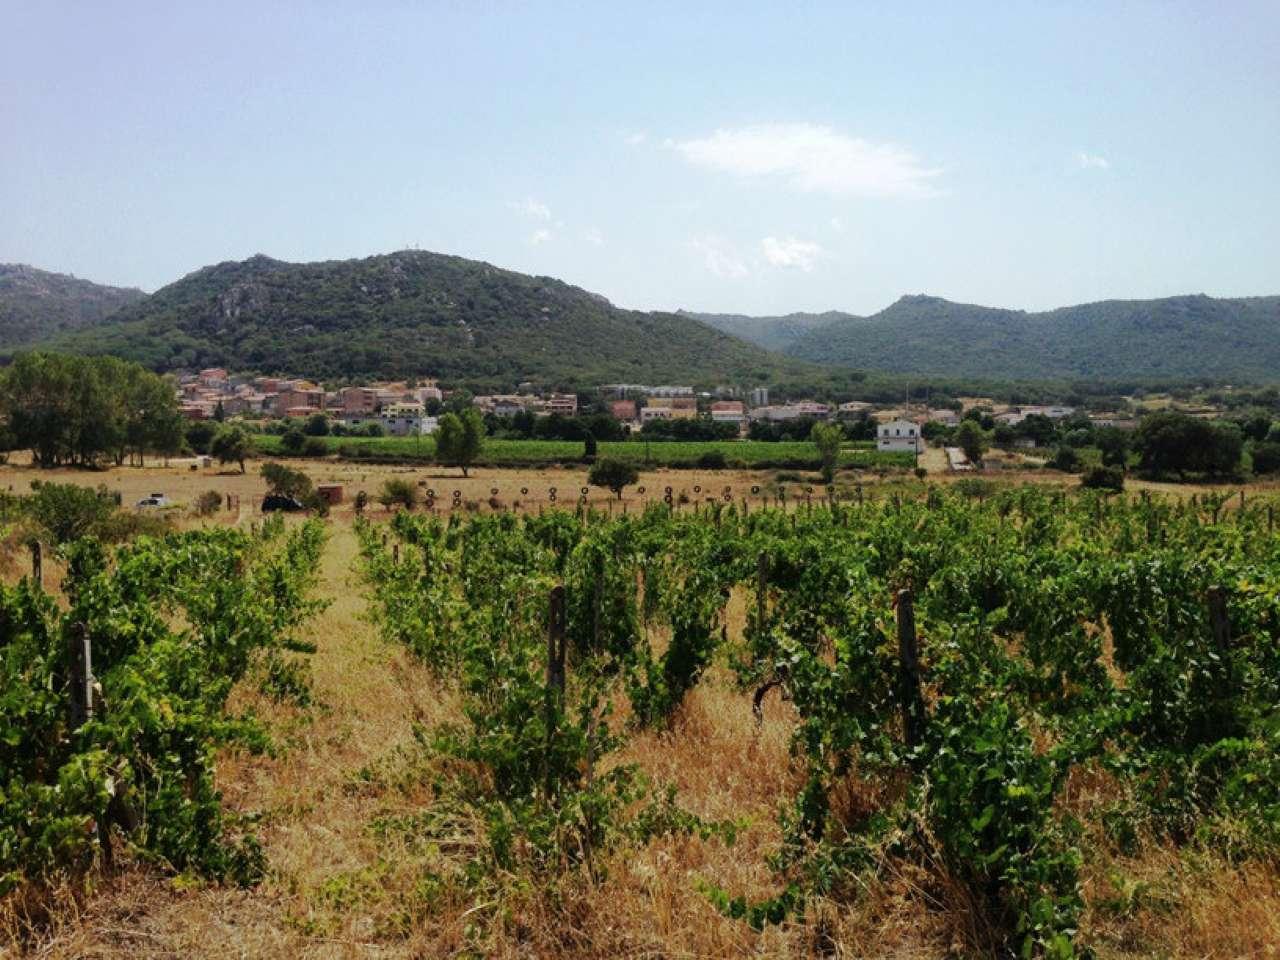 Terreno Agricolo in vendita a Monti, 1 locali, prezzo € 50.000   CambioCasa.it